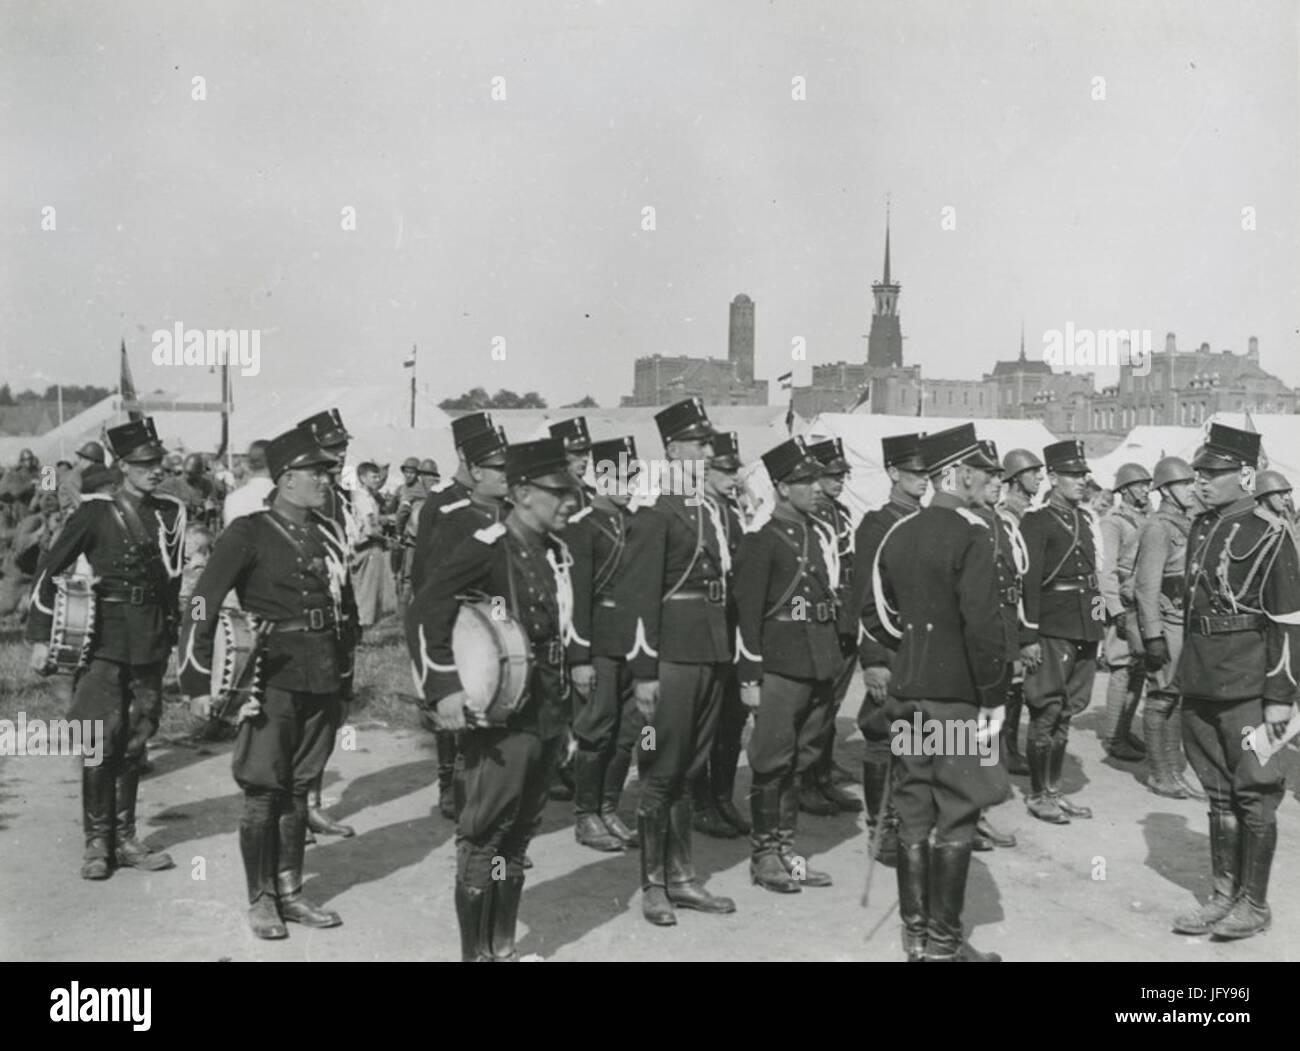 Een detachement van de Koninklijke Marechaussee staat aangetreden op het Molenve - F40978 - KNBLO - Stock Image